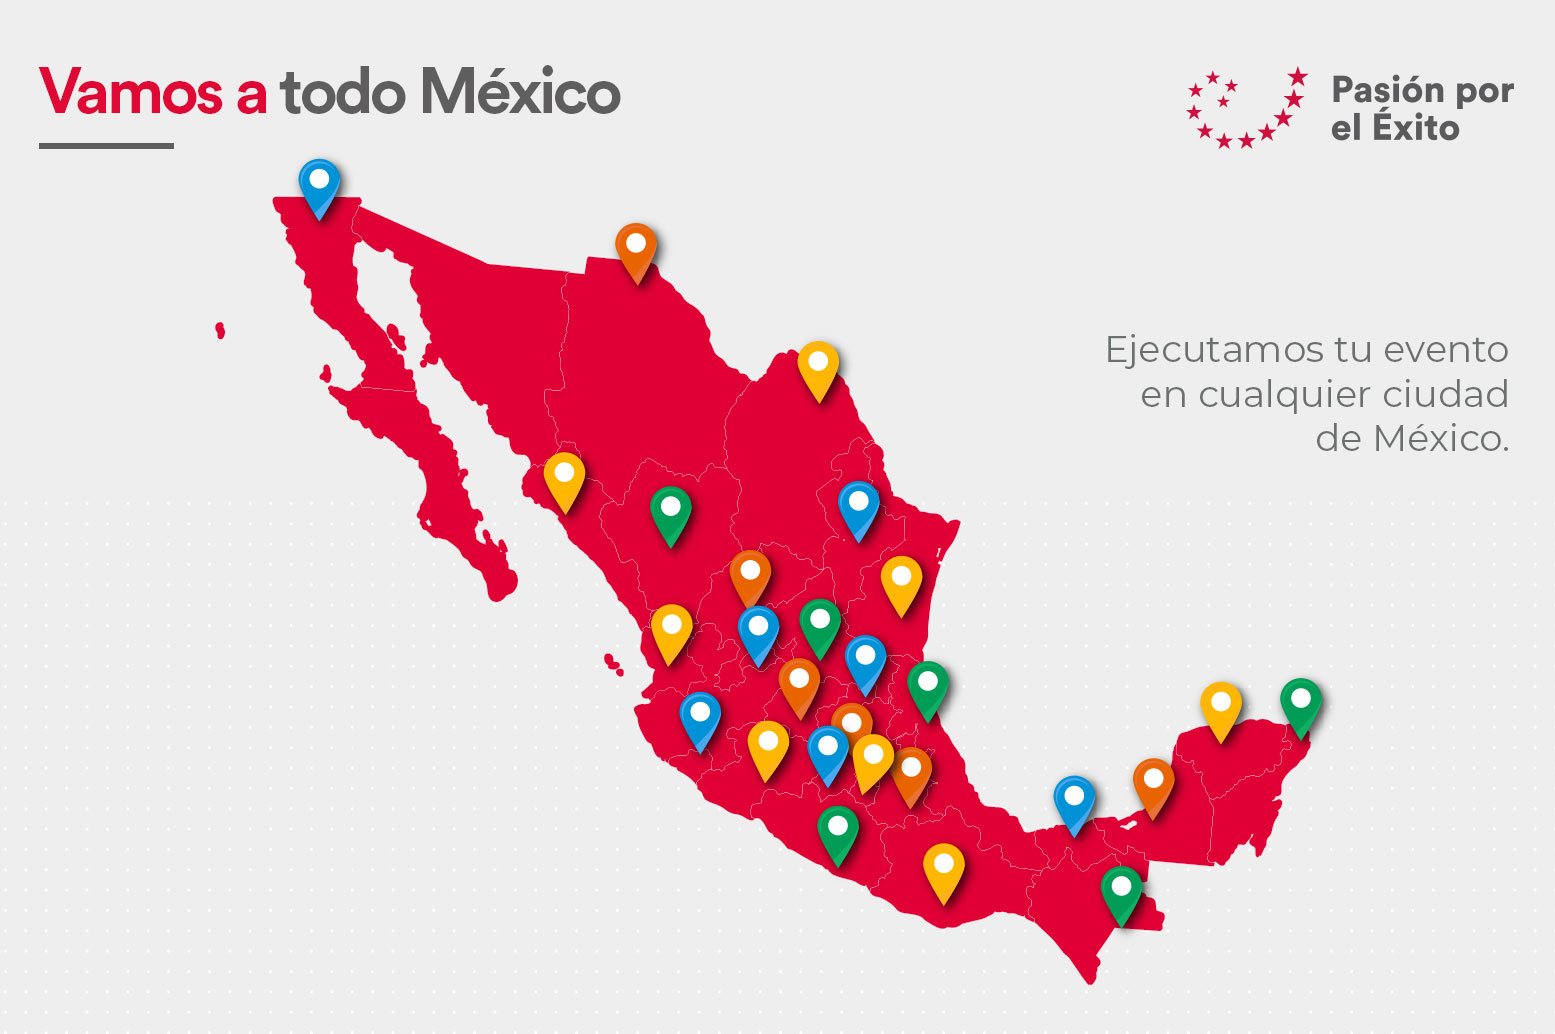 galeria-team-building-en-todo-mexico